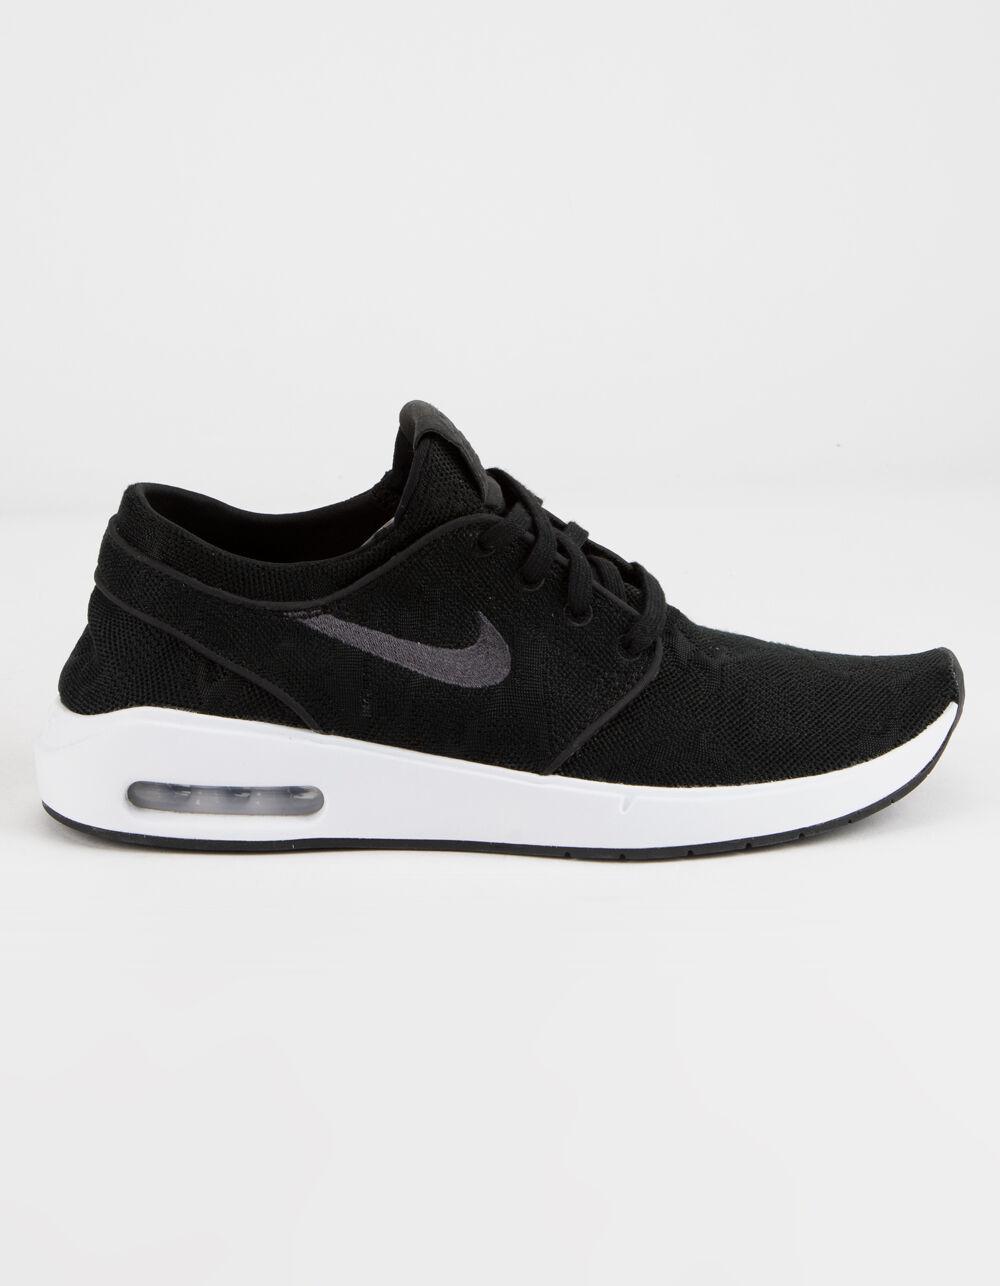 NIKE SB Stefan Janoski Max 2 Black & White Shoes